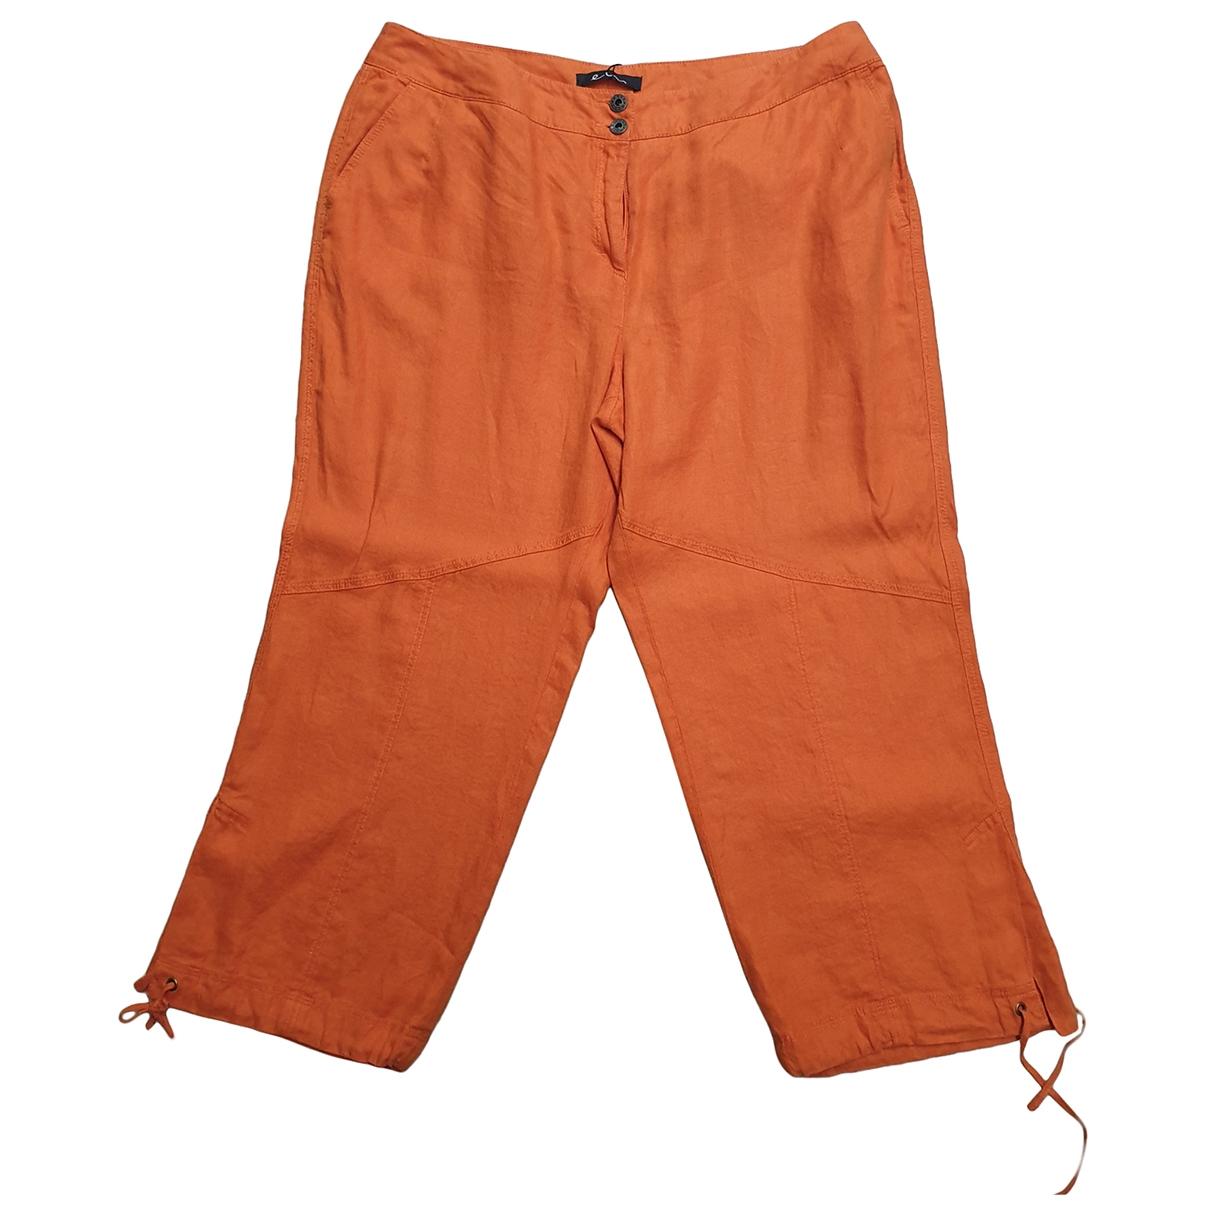 Elena Miro \N Orange Linen Trousers for Women 54-56 IT